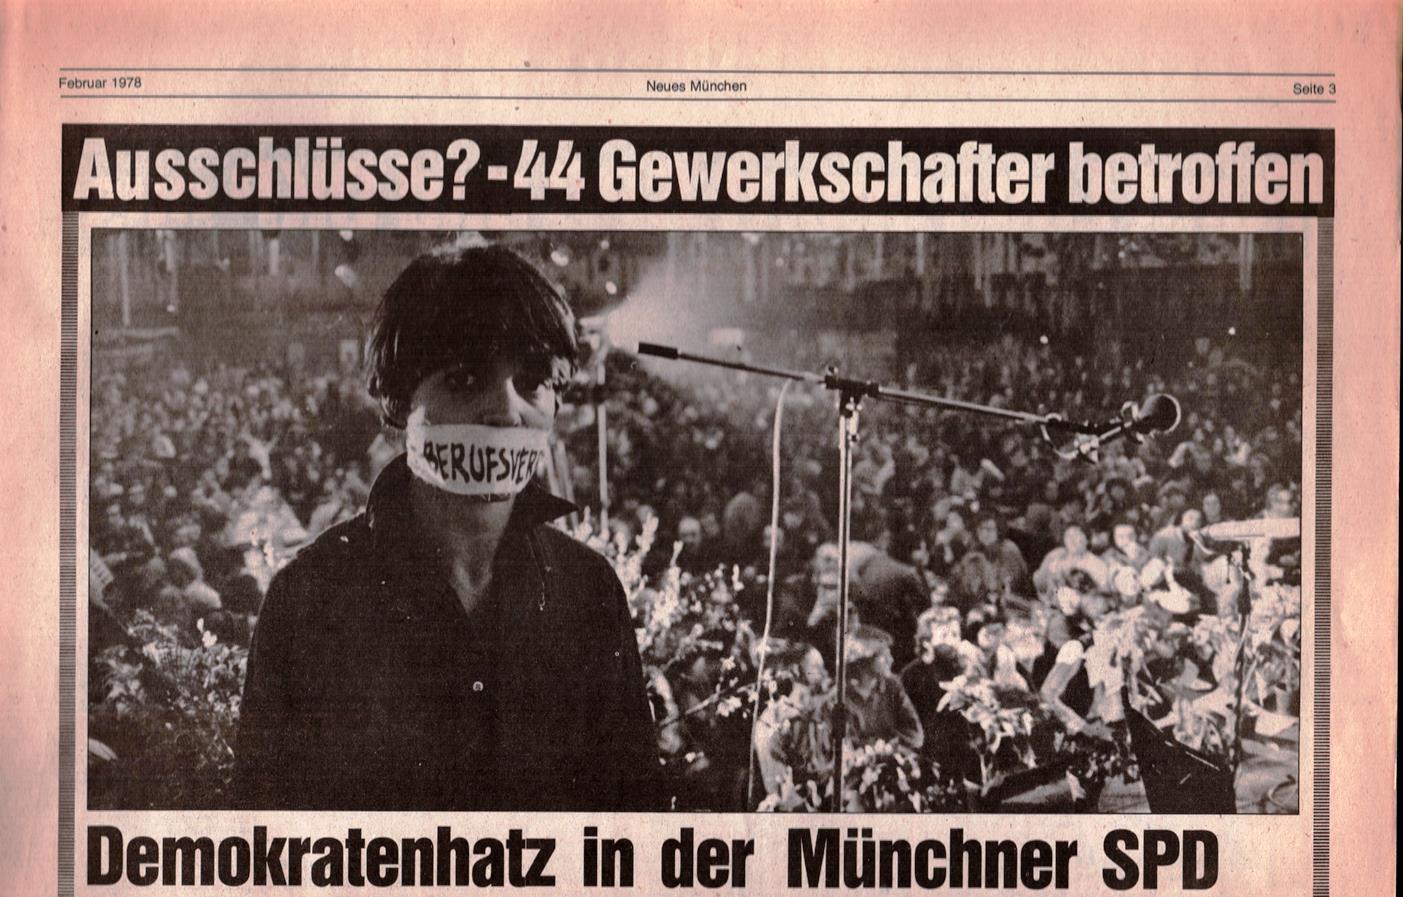 Muenchen_DKP_Neues_Muenchen_19780200_002_005